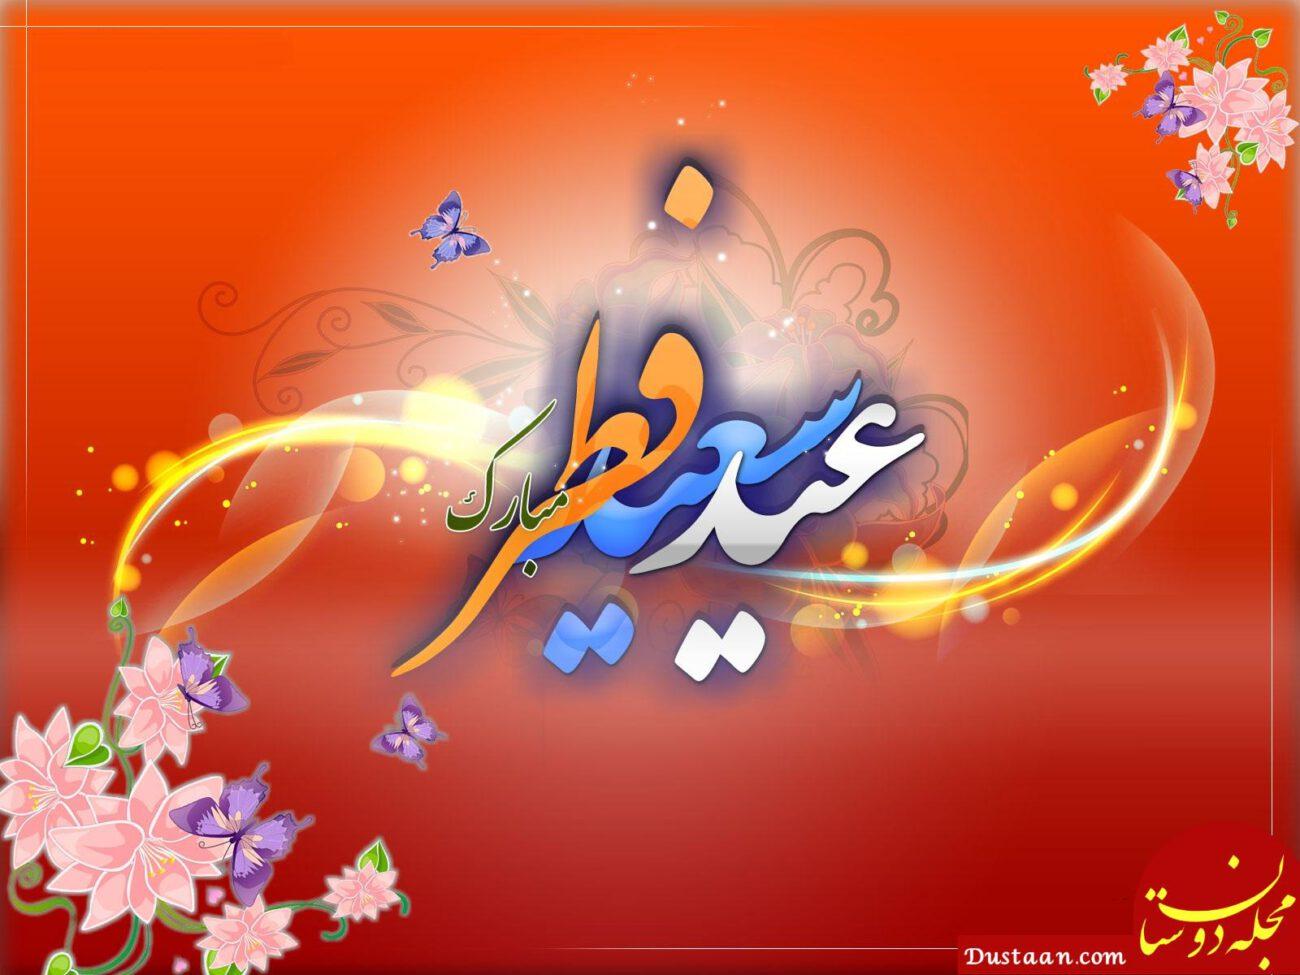 www.dustaan.com نماز عید فطر چگونه خوانده می شود؟